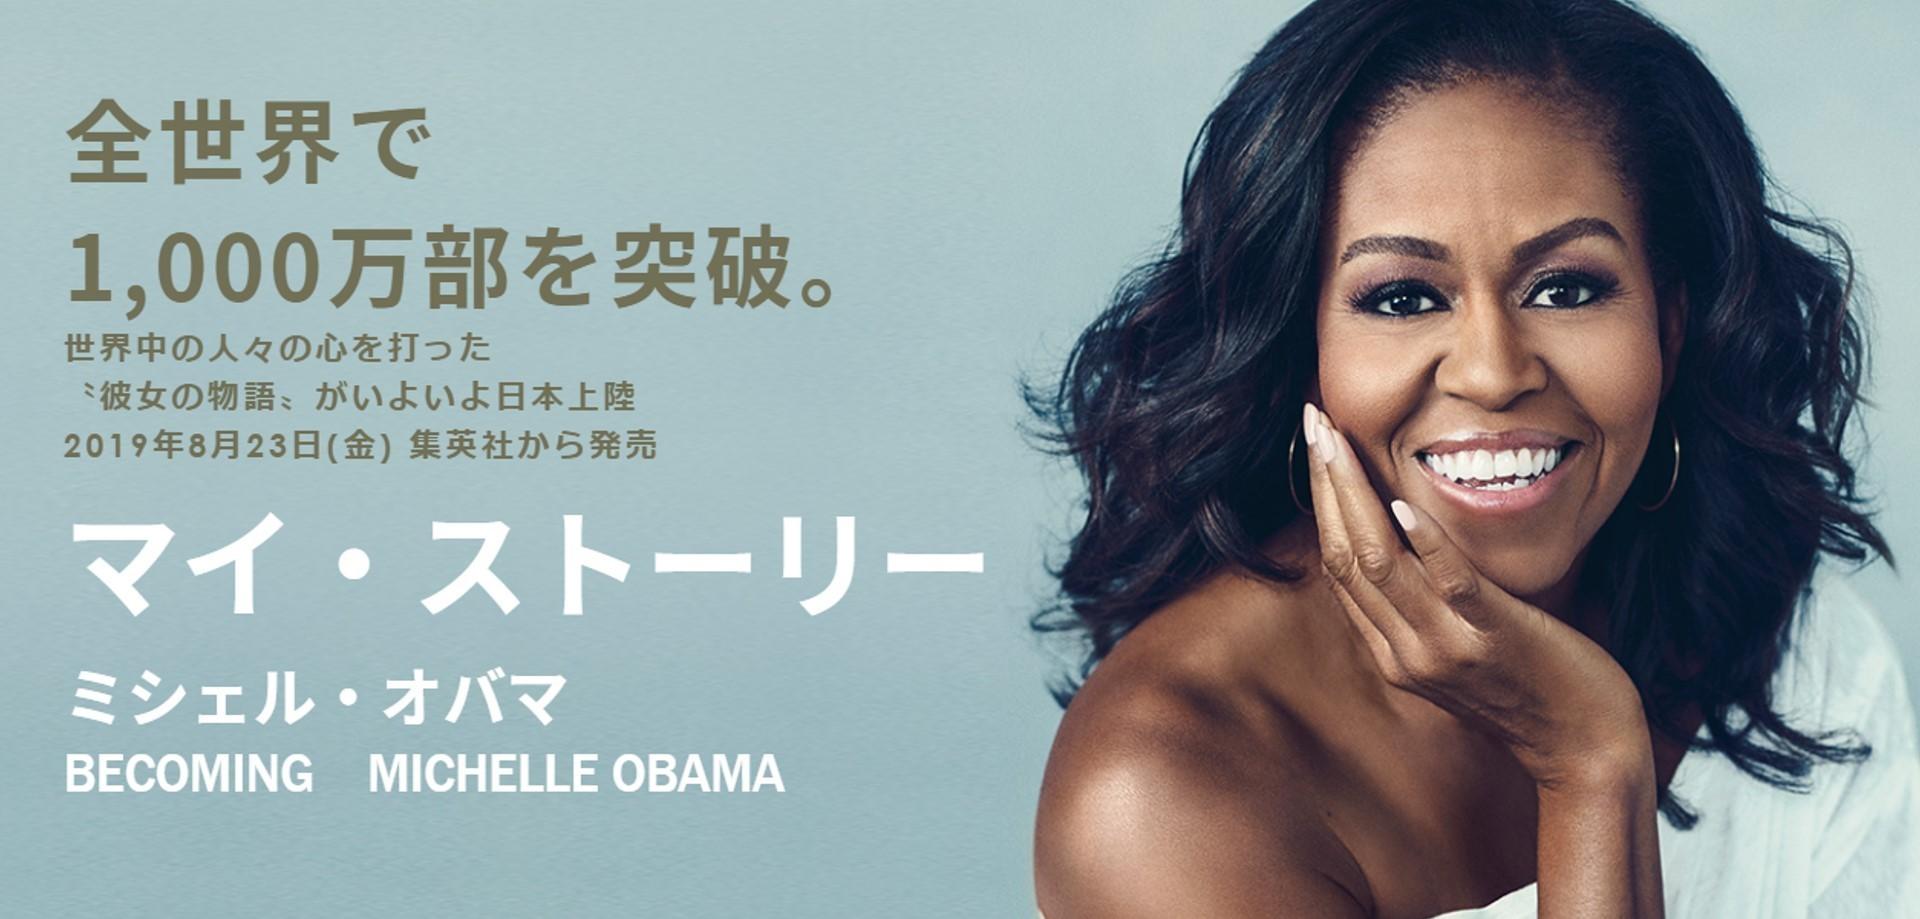 【ミシェル・オバマに学ぶ!女性のためのトークセッション】開催決定!参加者を募集中_1_1